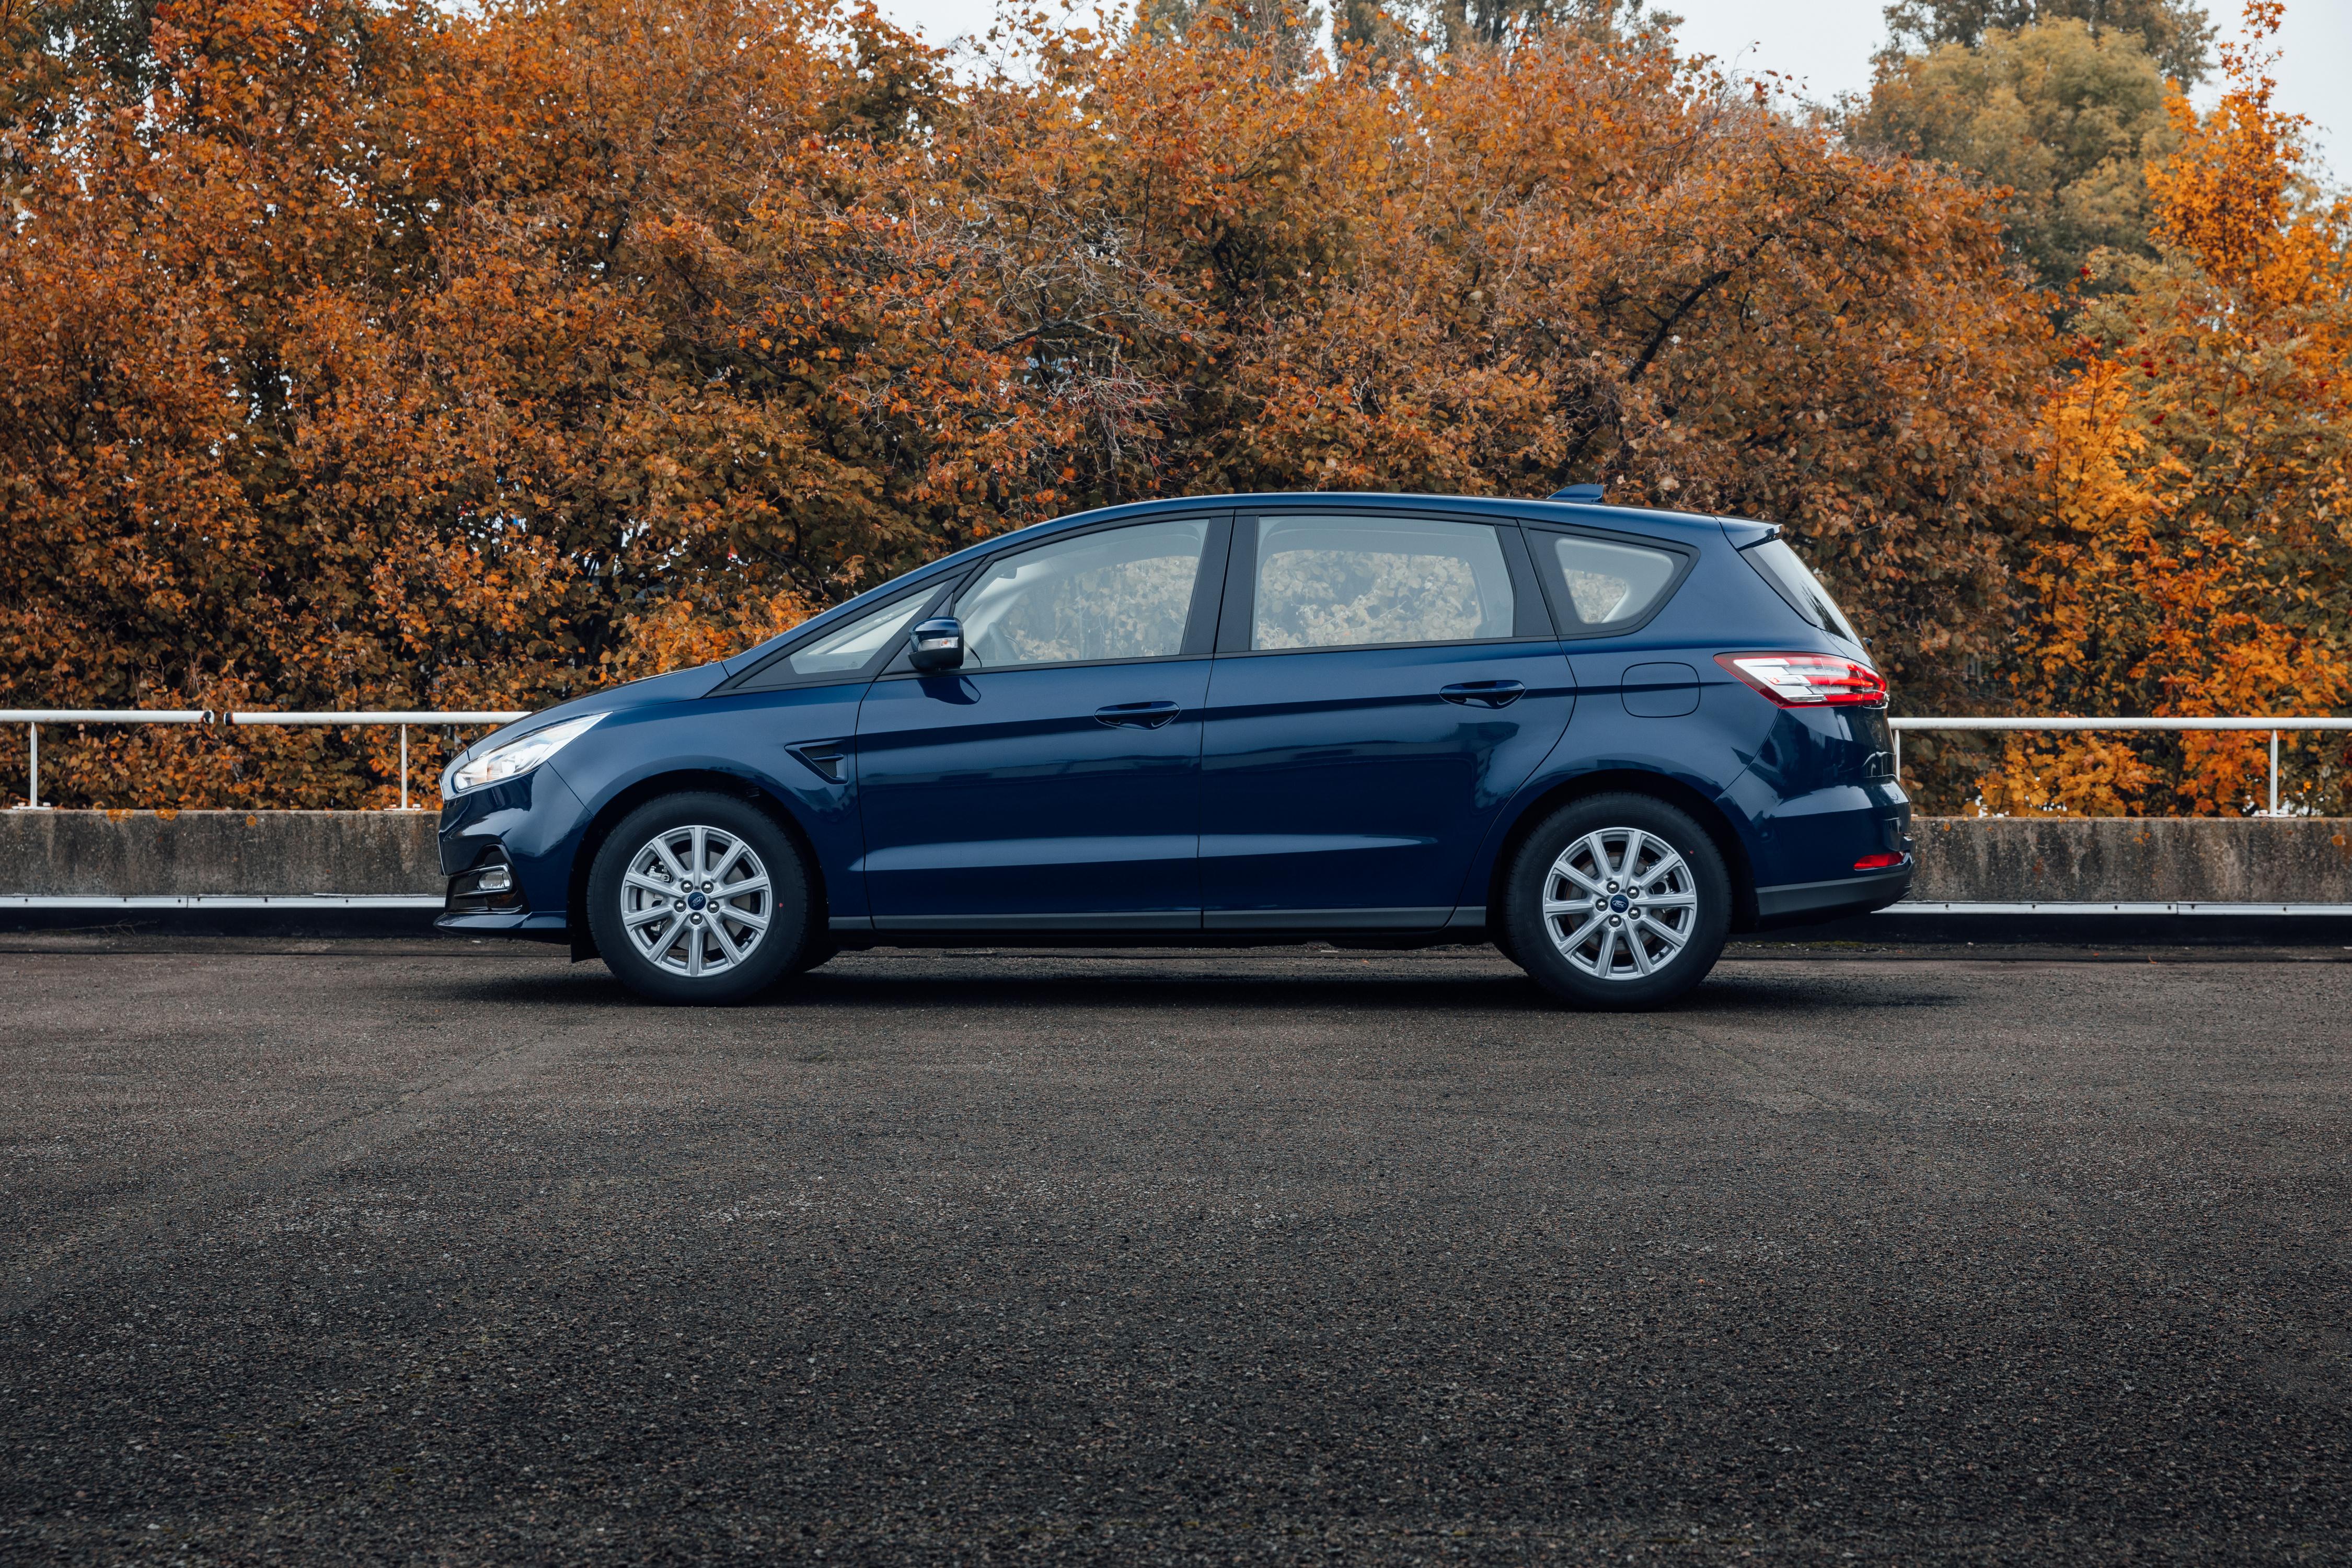 Картинки Ford Универсал S-MAX, 2019 Синий авто Сбоку Металлик Форд синяя синие синих машина машины Автомобили автомобиль